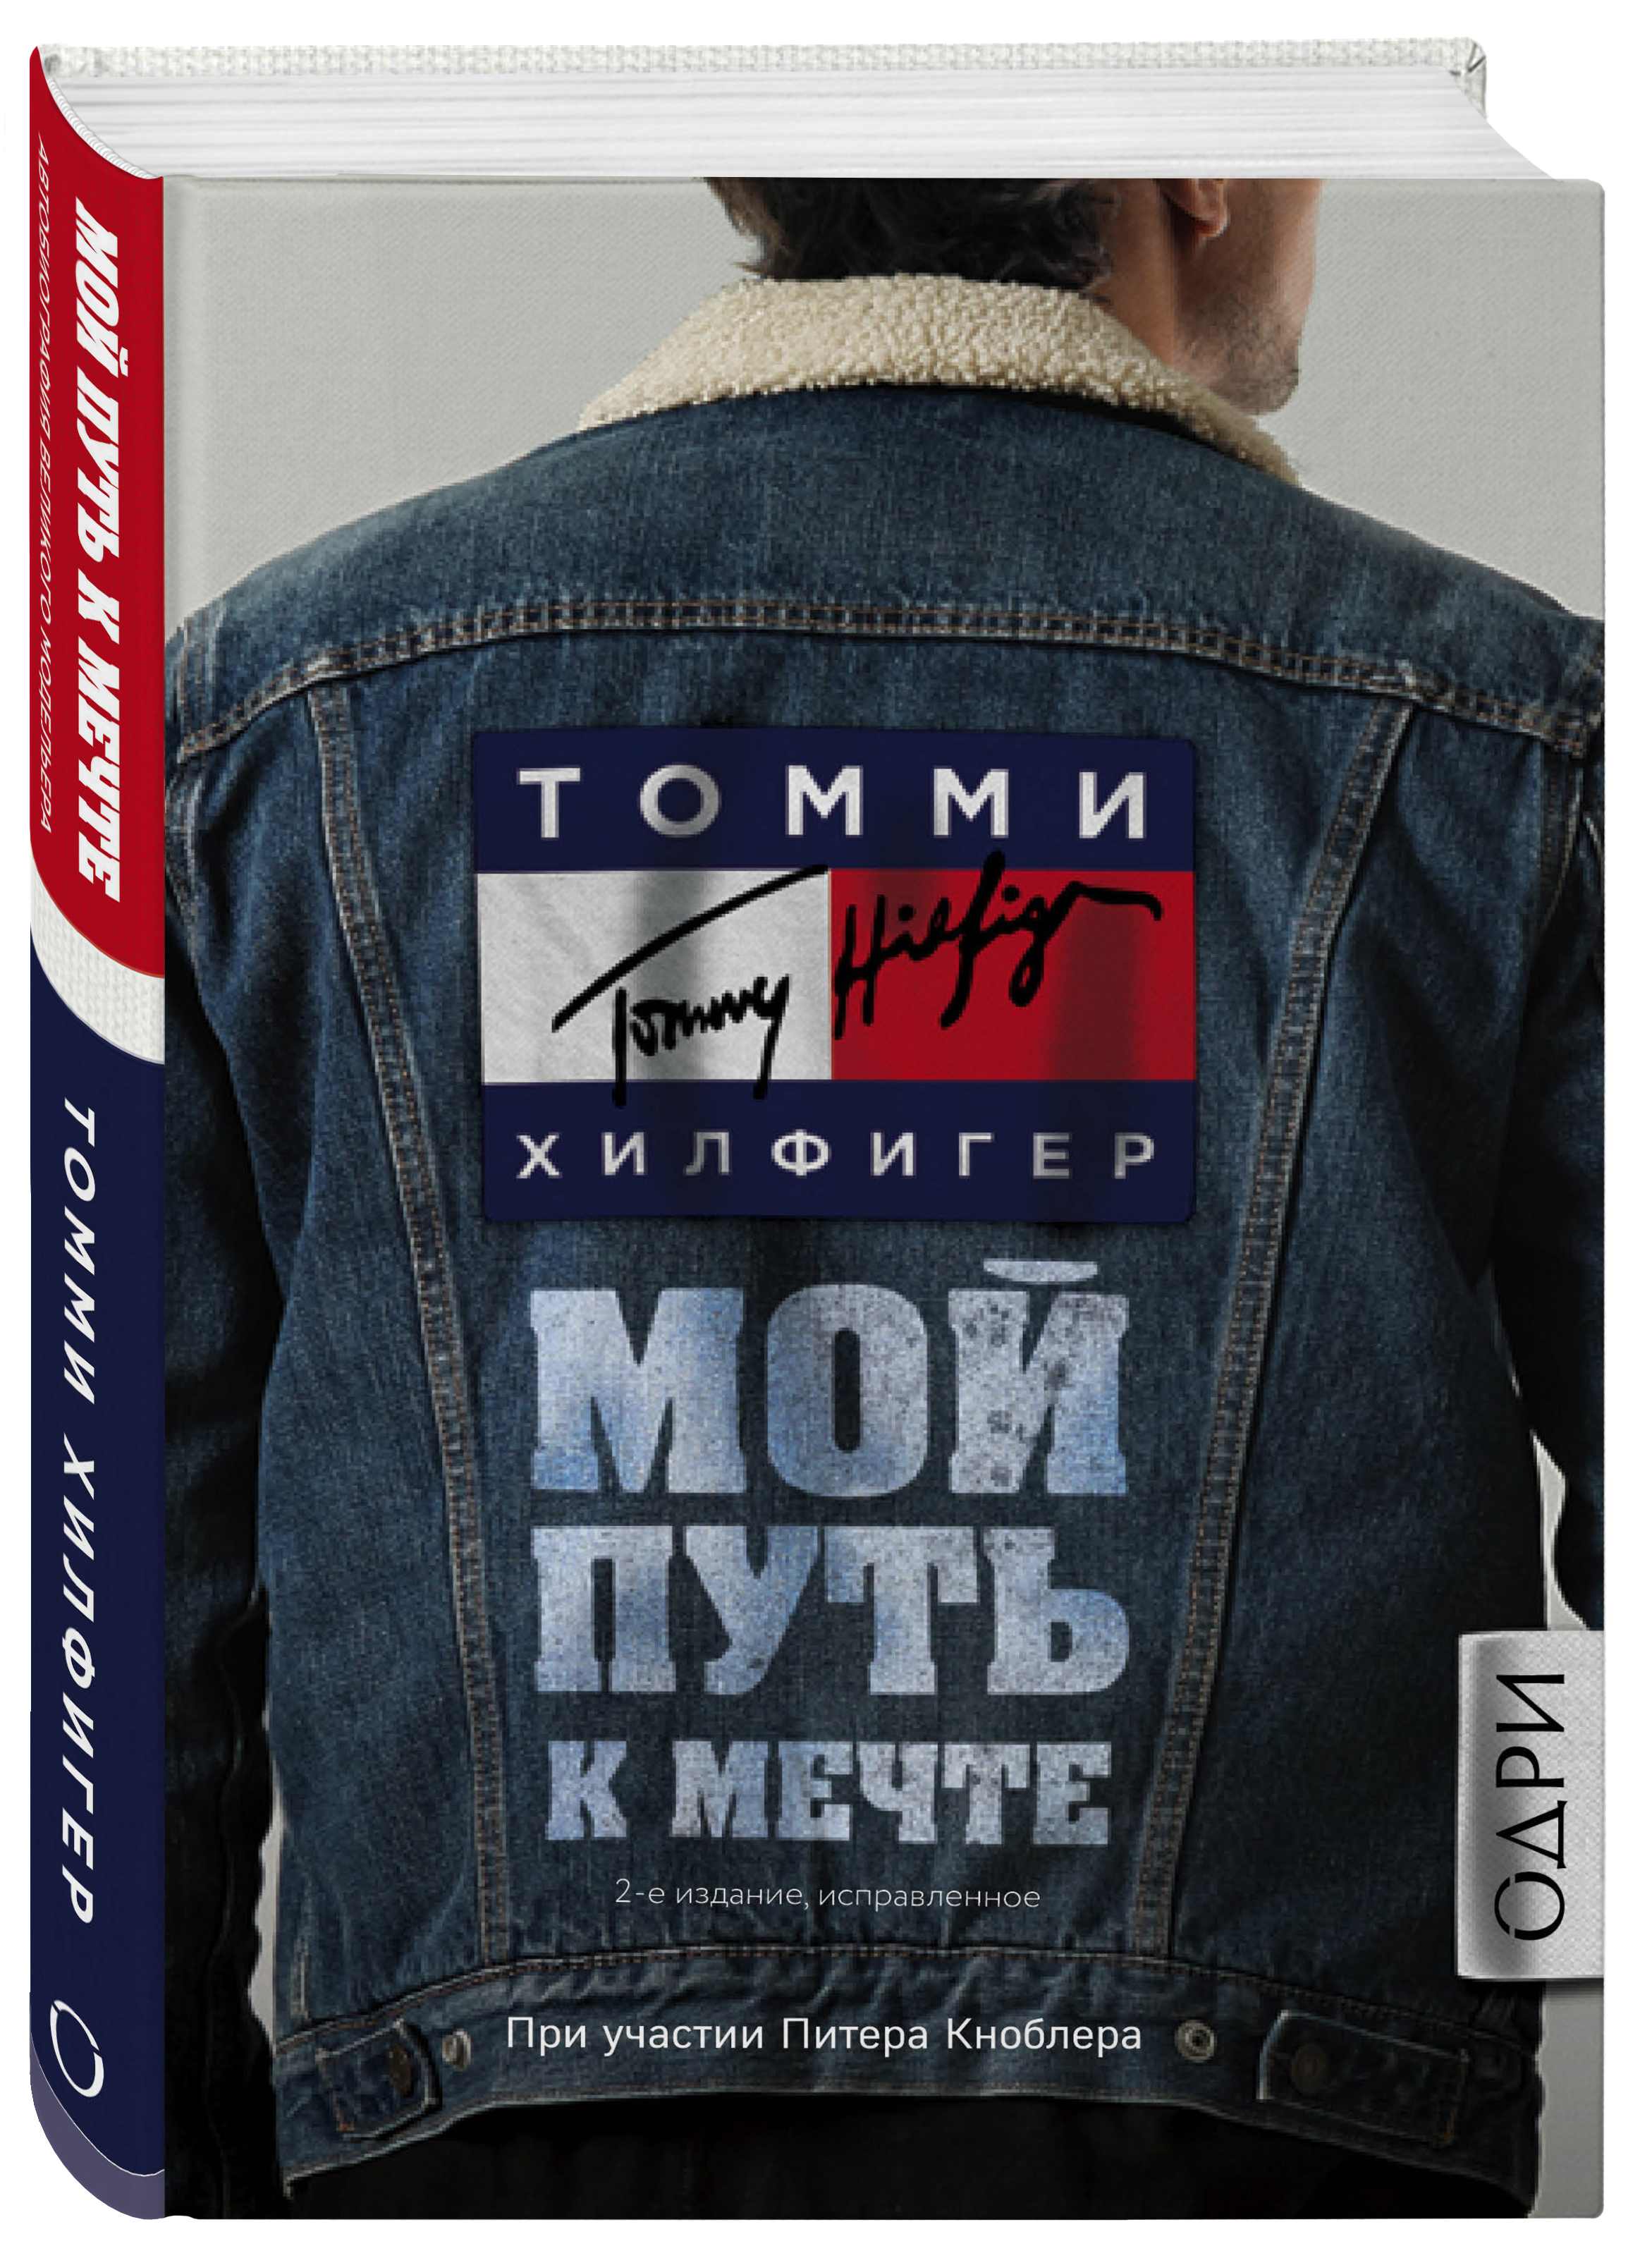 Томми Хилфигер Томми Хилфигер. Мой путь к мечте. Автобиография великого модельера (2-е издание, исправленное)